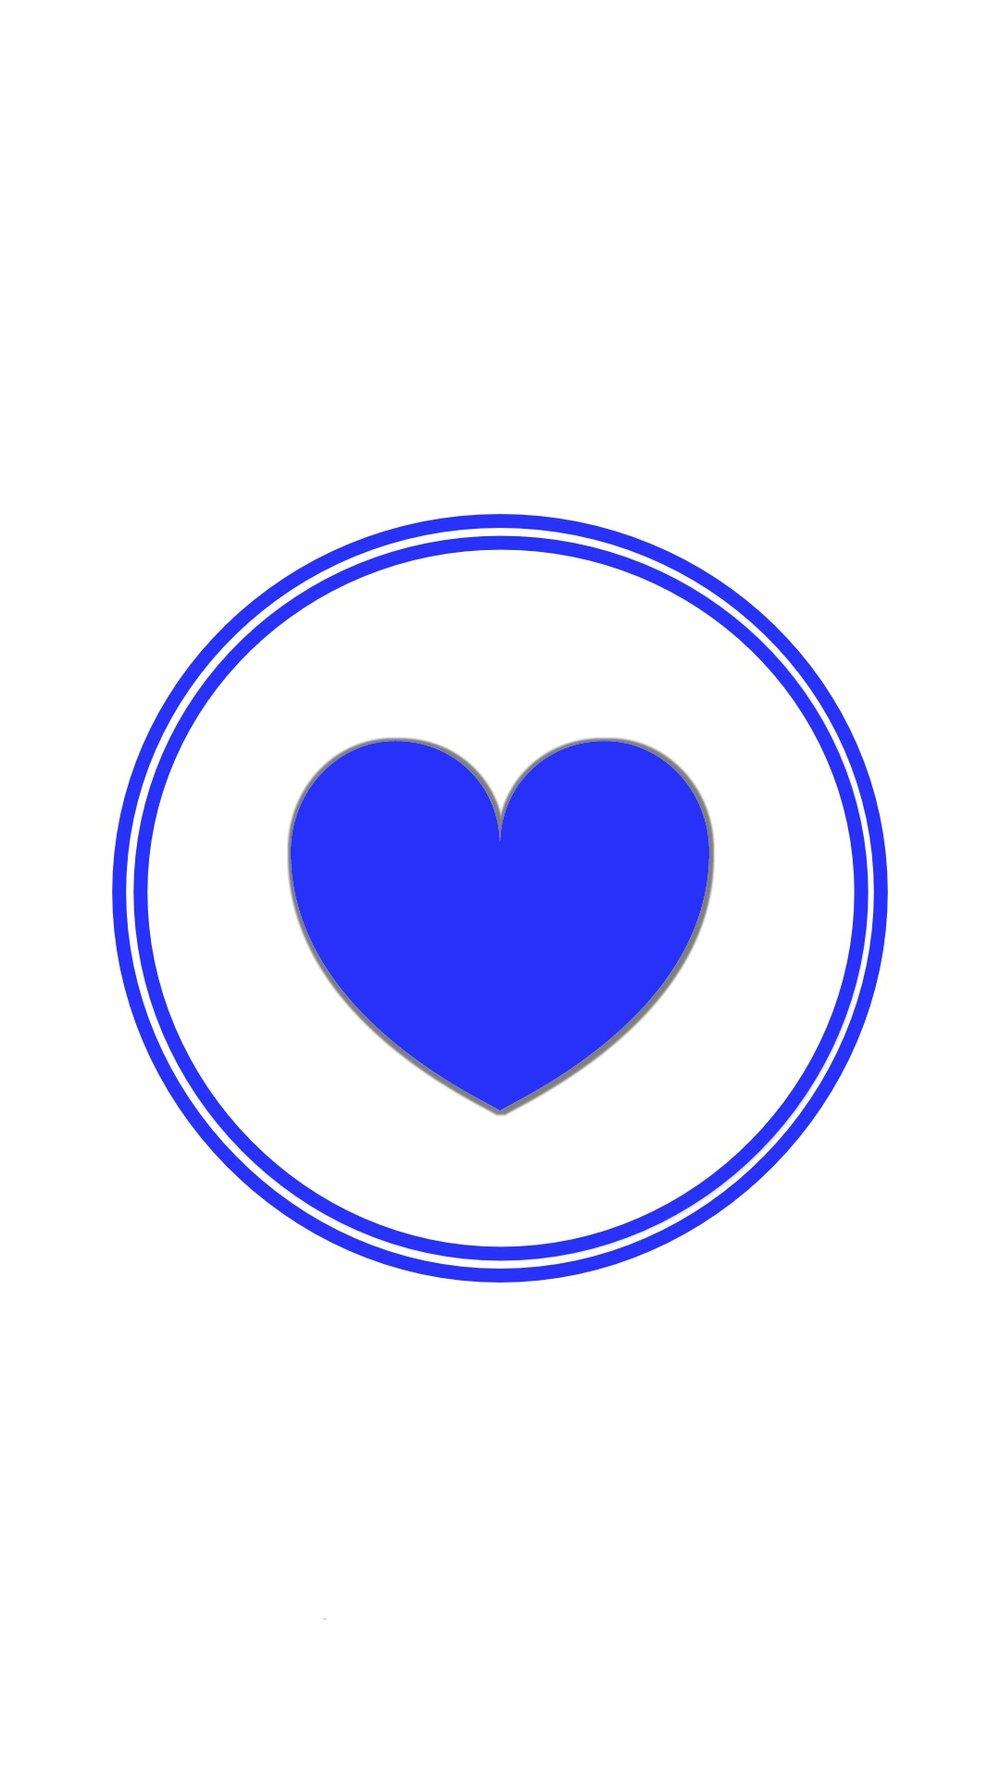 Instagram-cover-heart-bluewhite.jpg